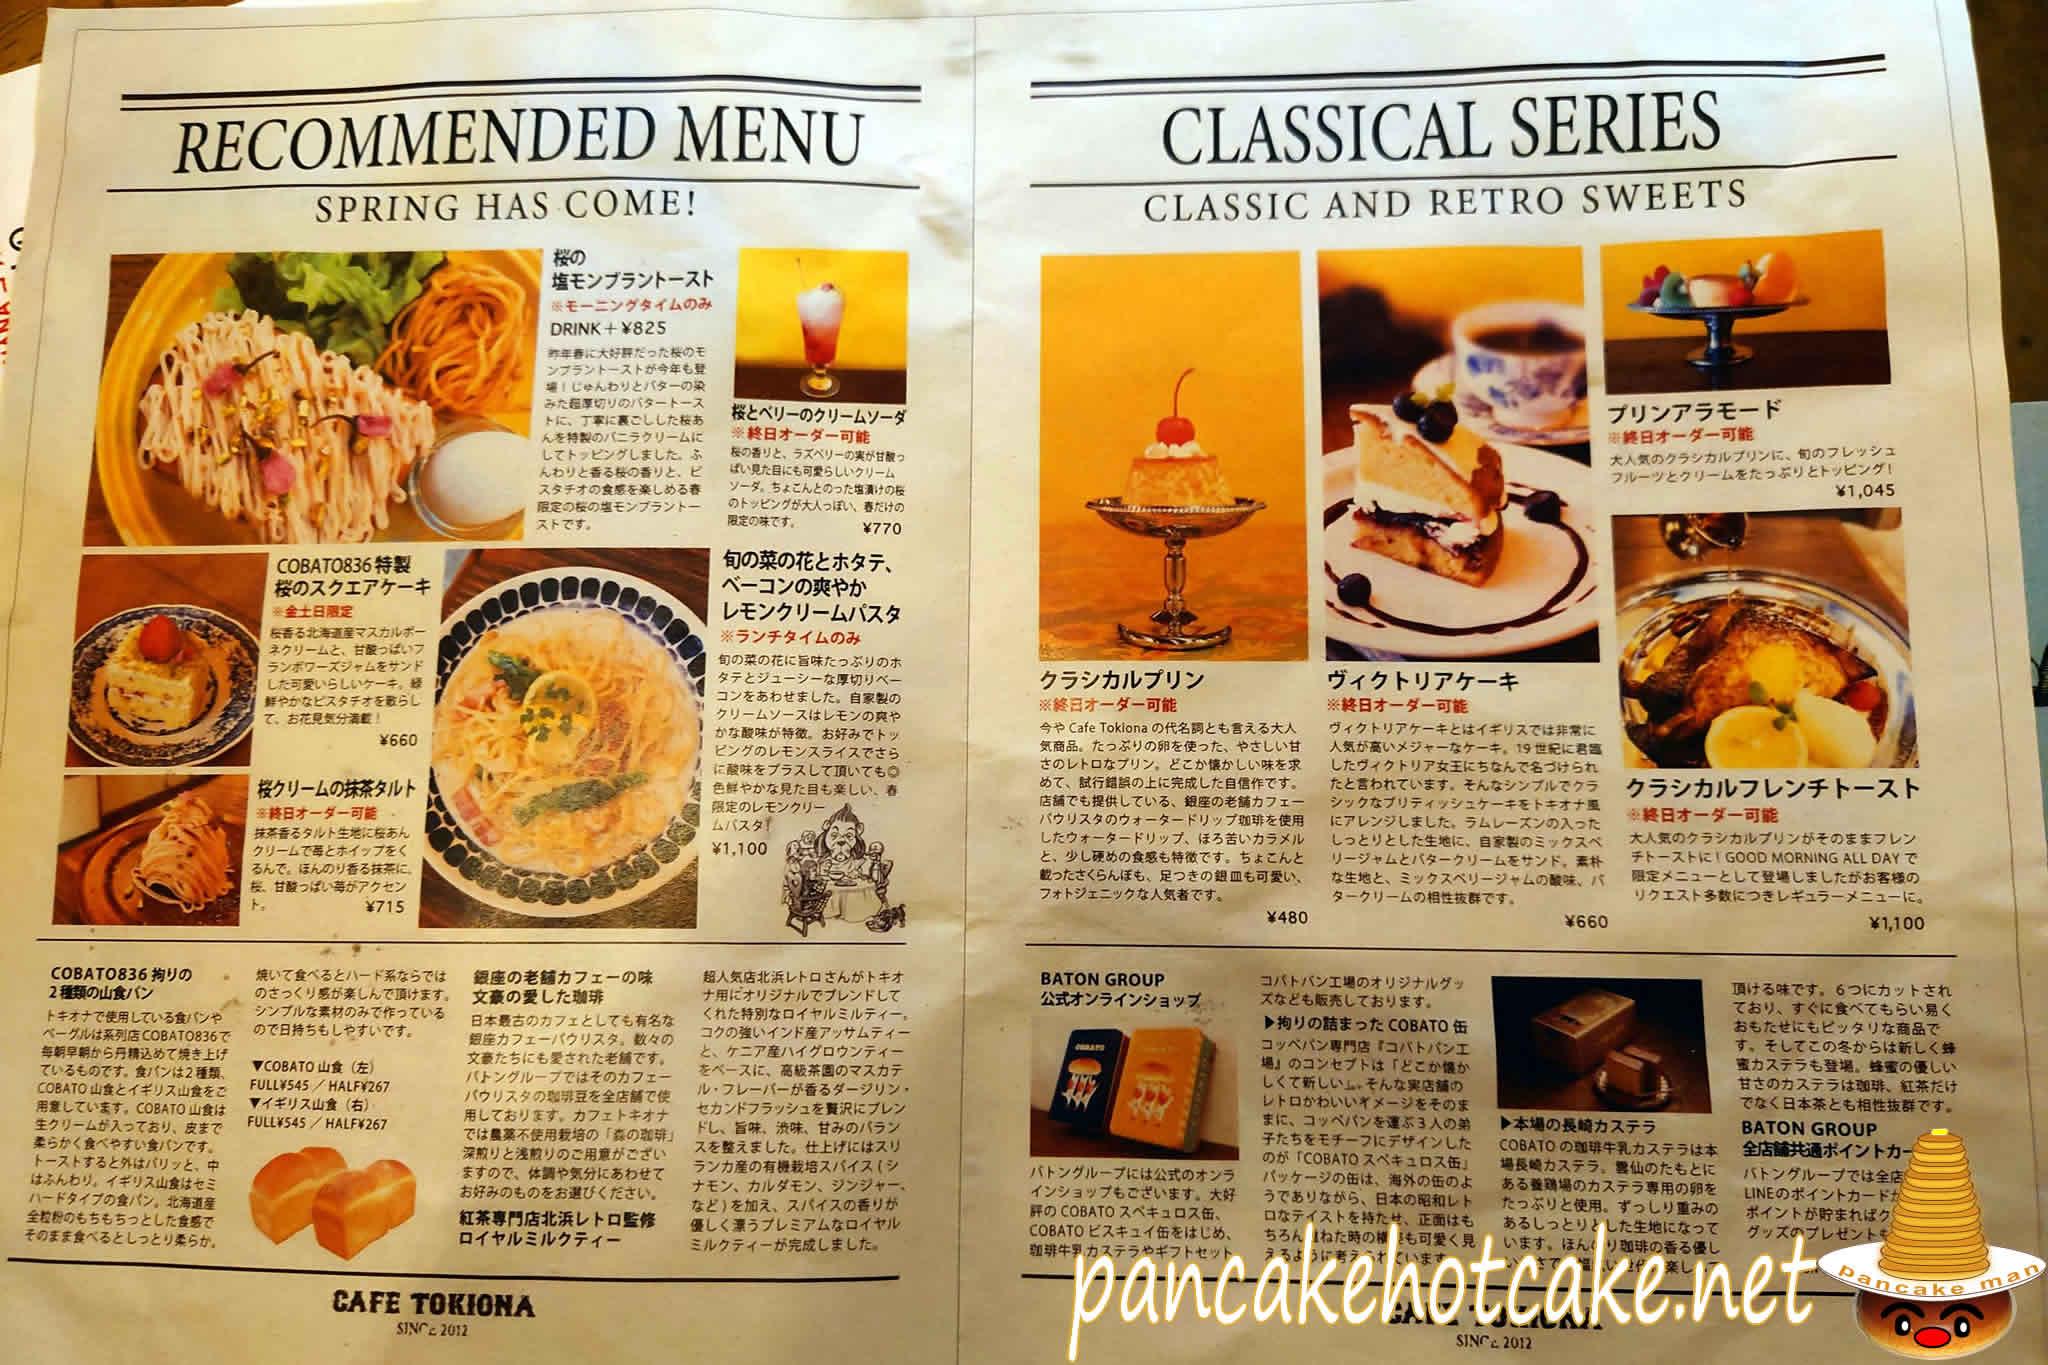 トキオナのメニュー2021年4月CAFE TOKIONA(大阪、南森町、大阪天満宮)